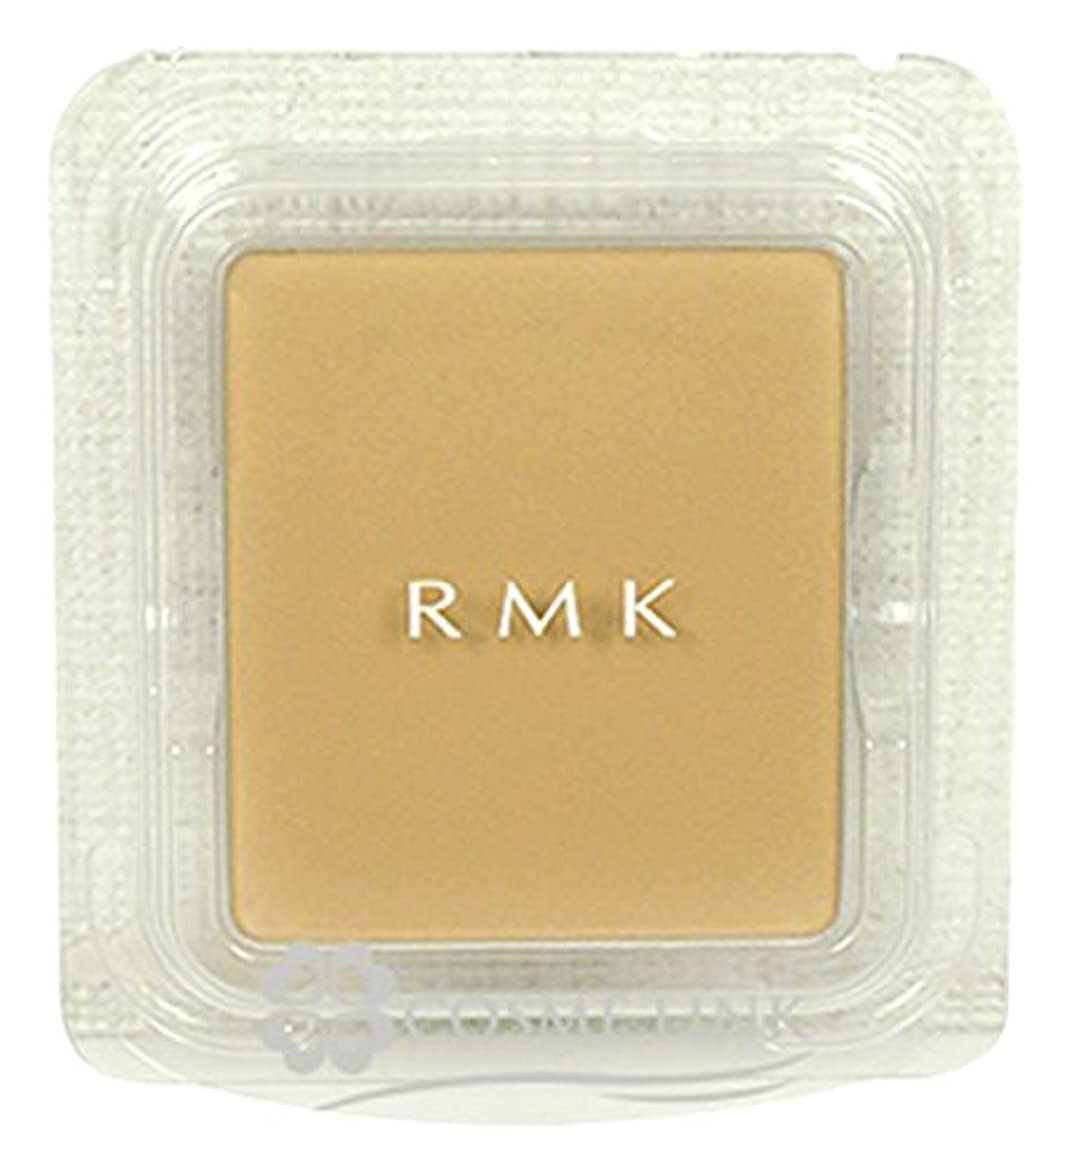 溶融系譜代表するRMK アールエムケー UVパウダー ファンデーション(レフィル) #103L 11g [並行輸入品]